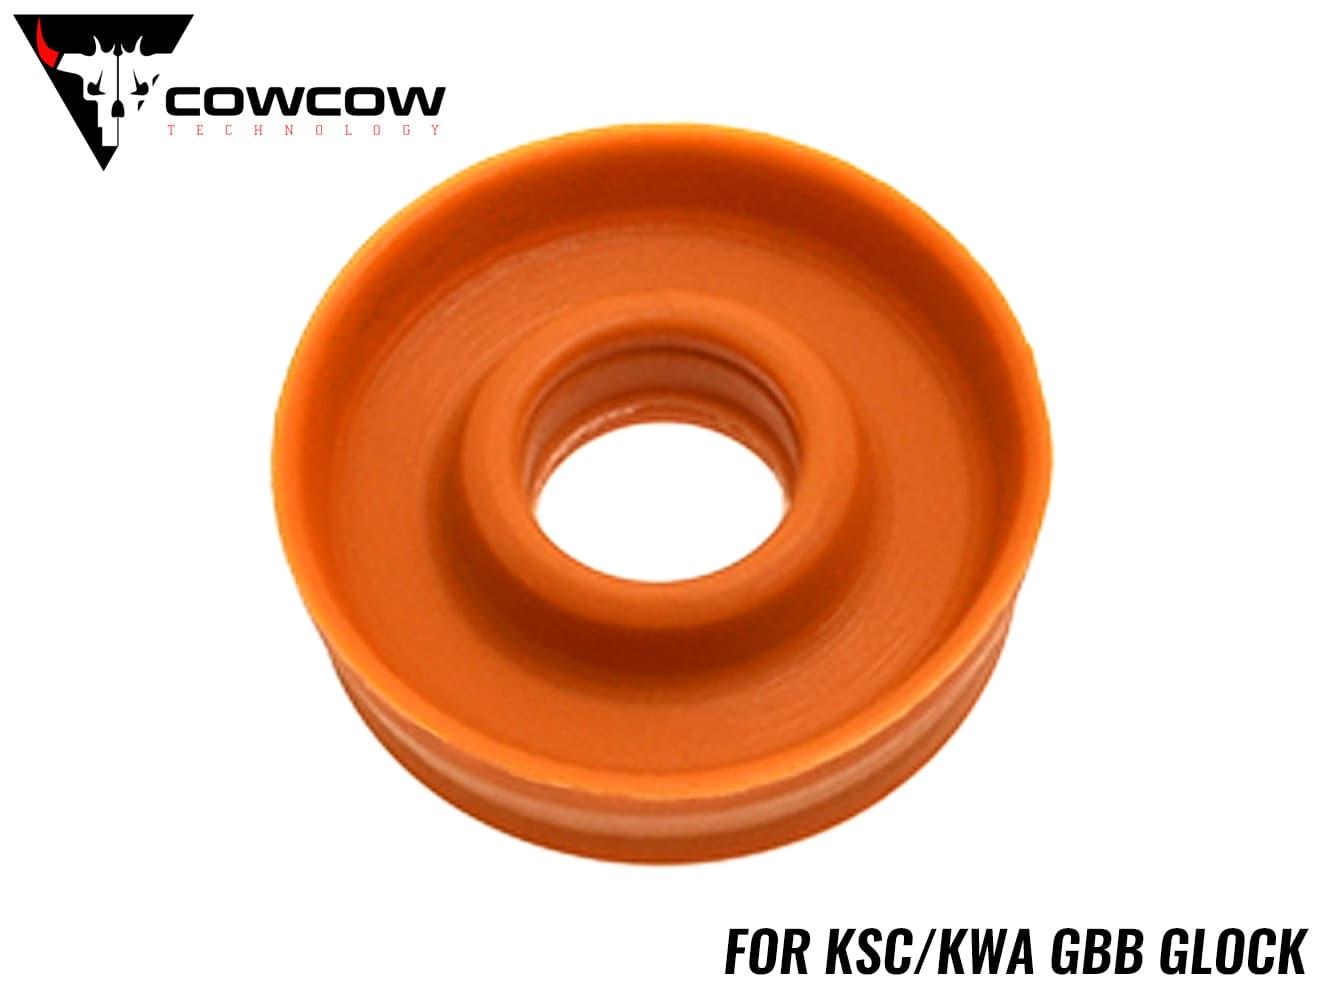 装備・備品, その他 COWCOW TECHNOLOGY KSCKWA G O G17 G19 G23F G26 GLOCK